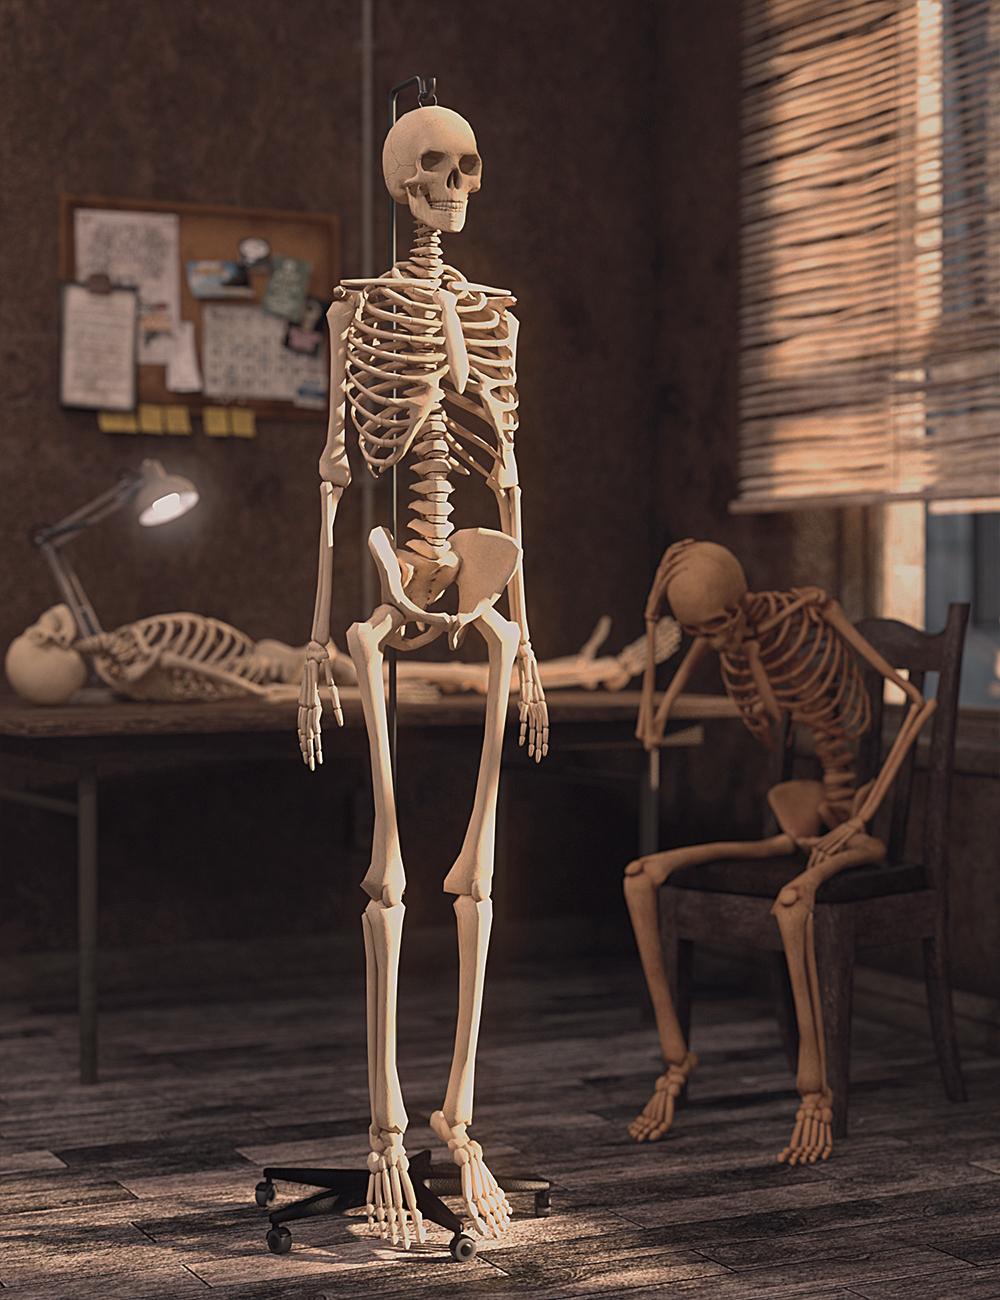 LoREZ Skeleton by: Predatron, 3D Models by Daz 3D